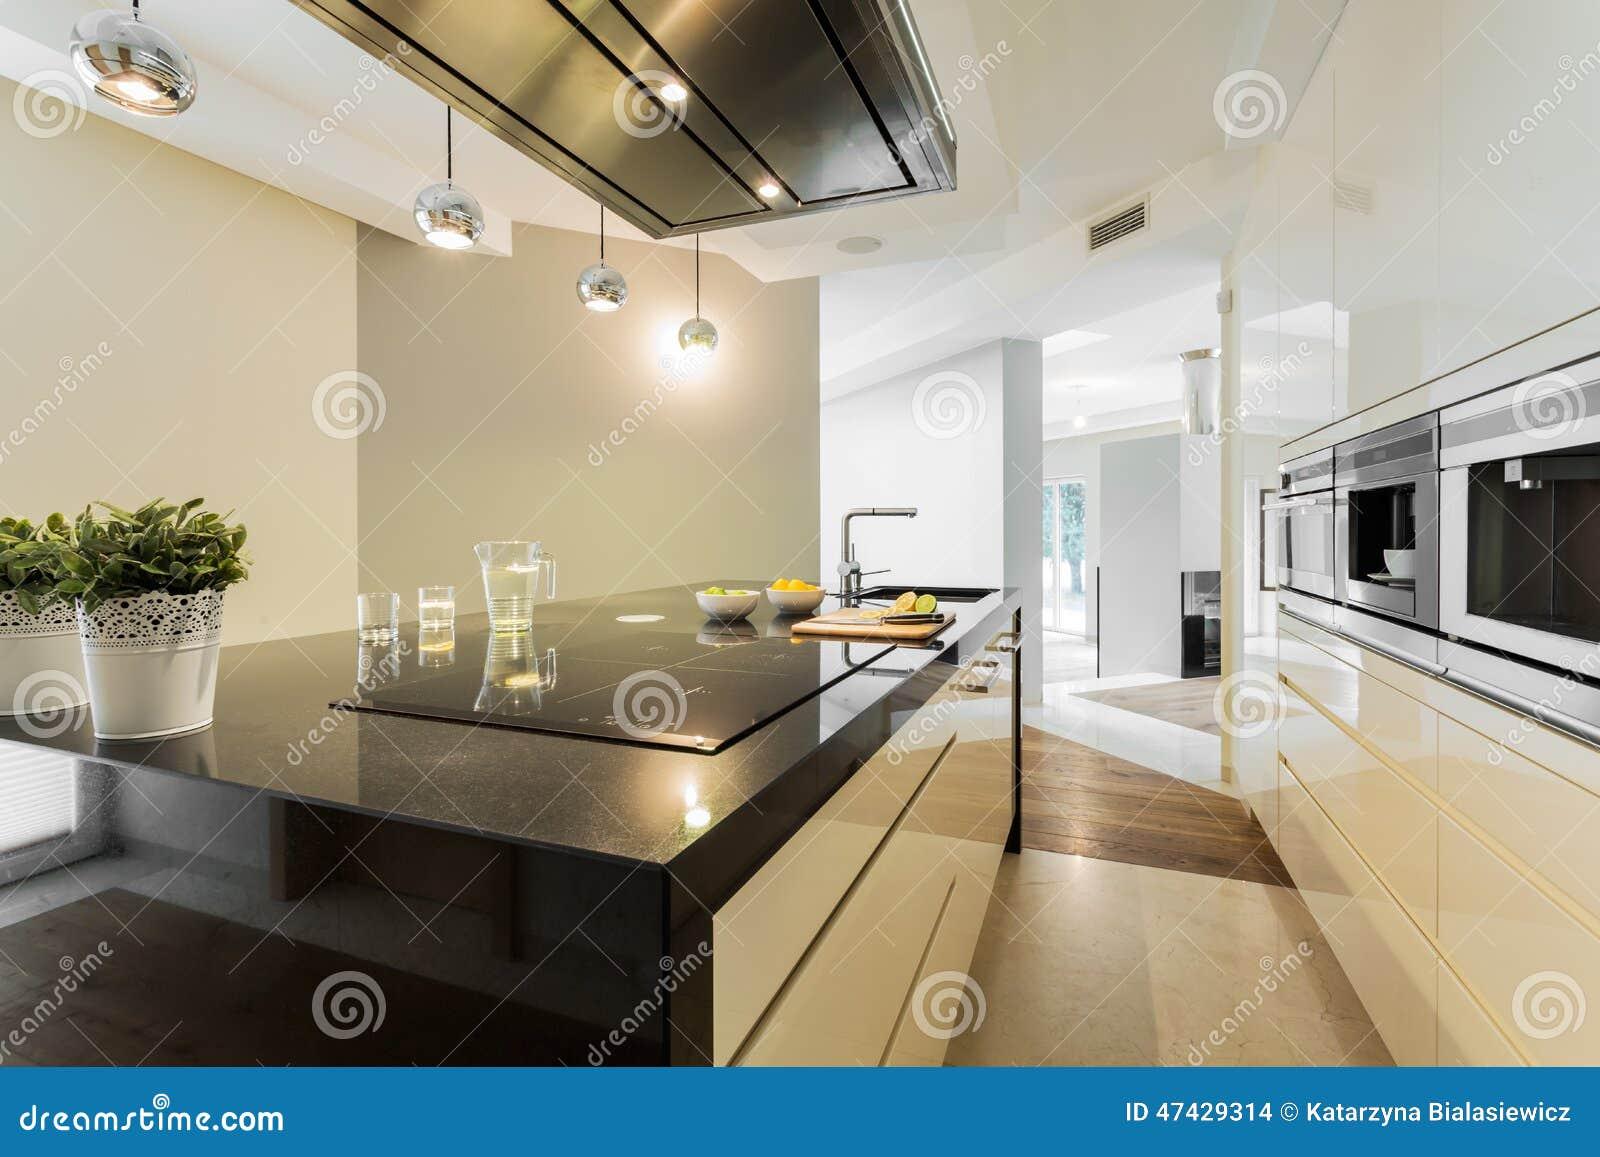 工作台面在设计师厨房里